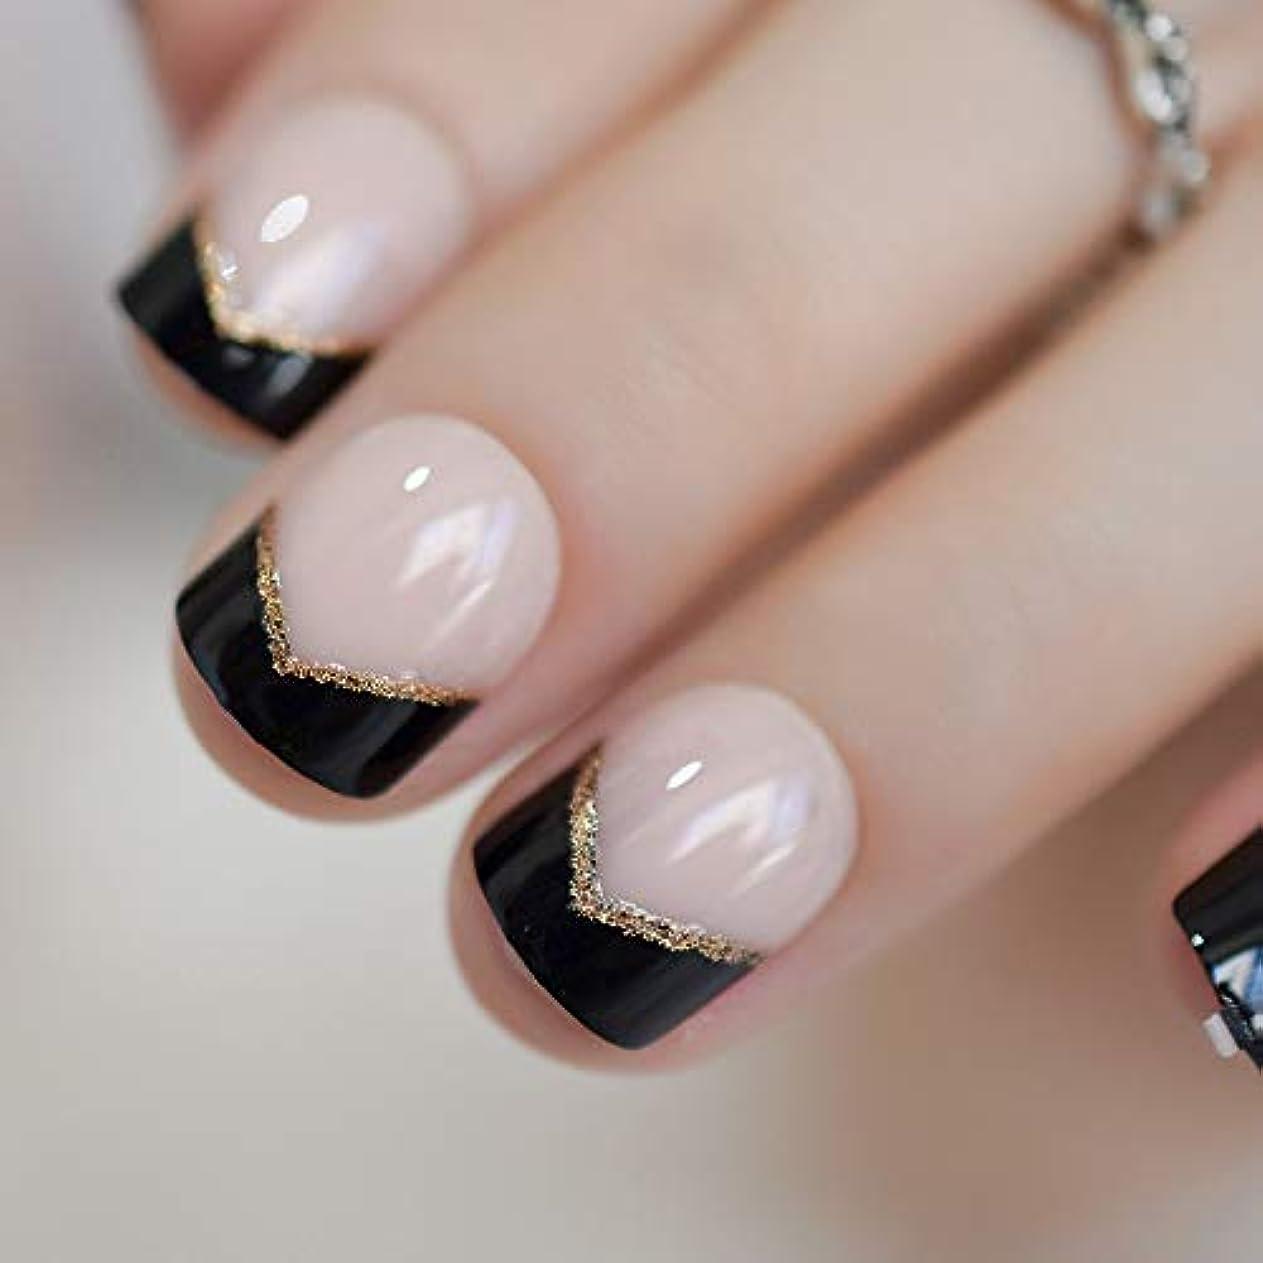 ピアホステス文言XUTXZKA 短い爪黒のヒントゴールドグリッターアングル装飾された女性のための自然な偽の爪